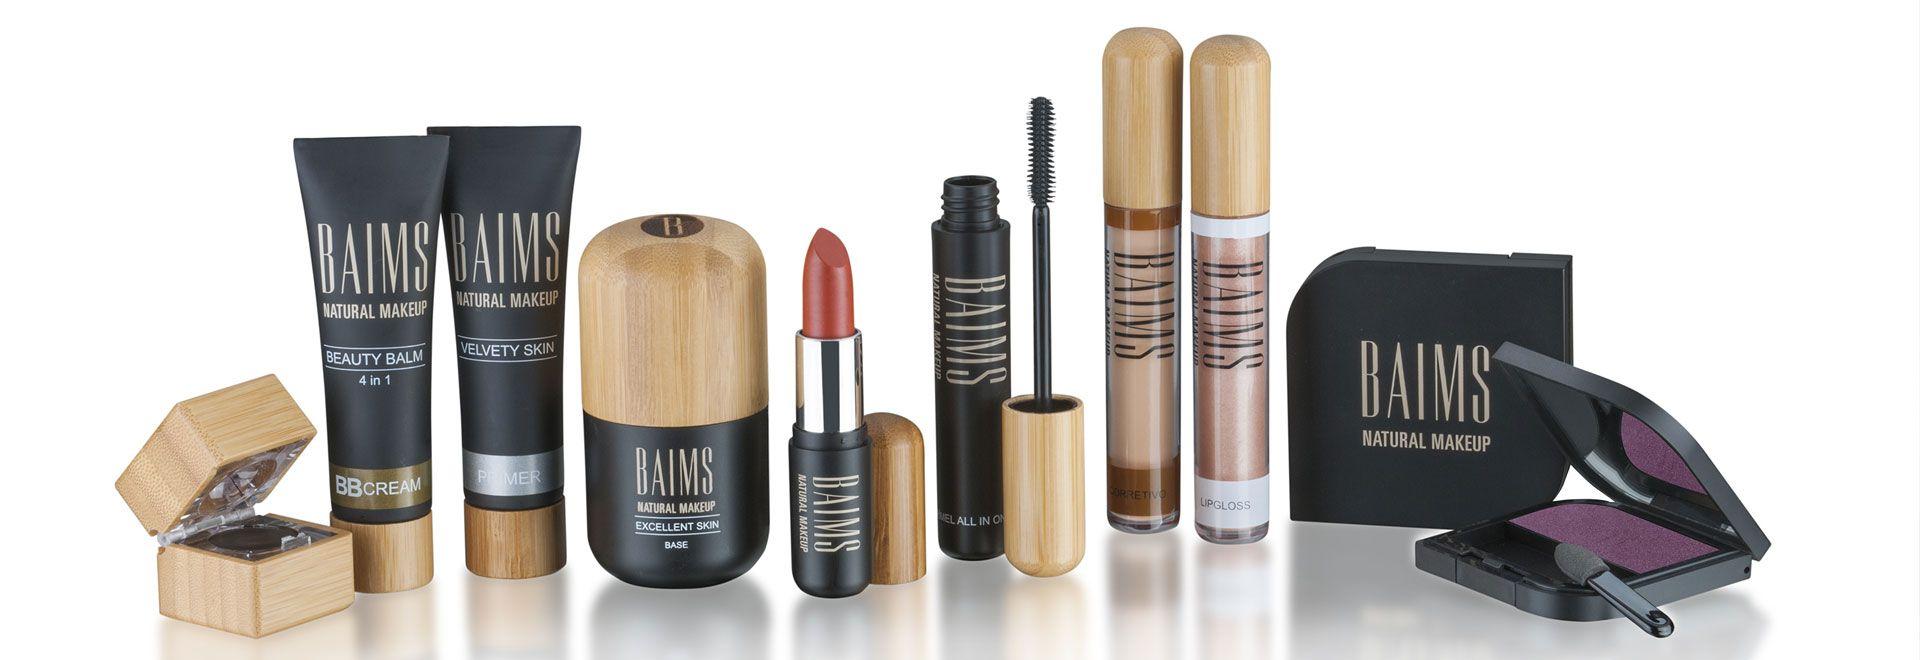 BAIMS Makeup orgânico e Vegan  c9836370c5b